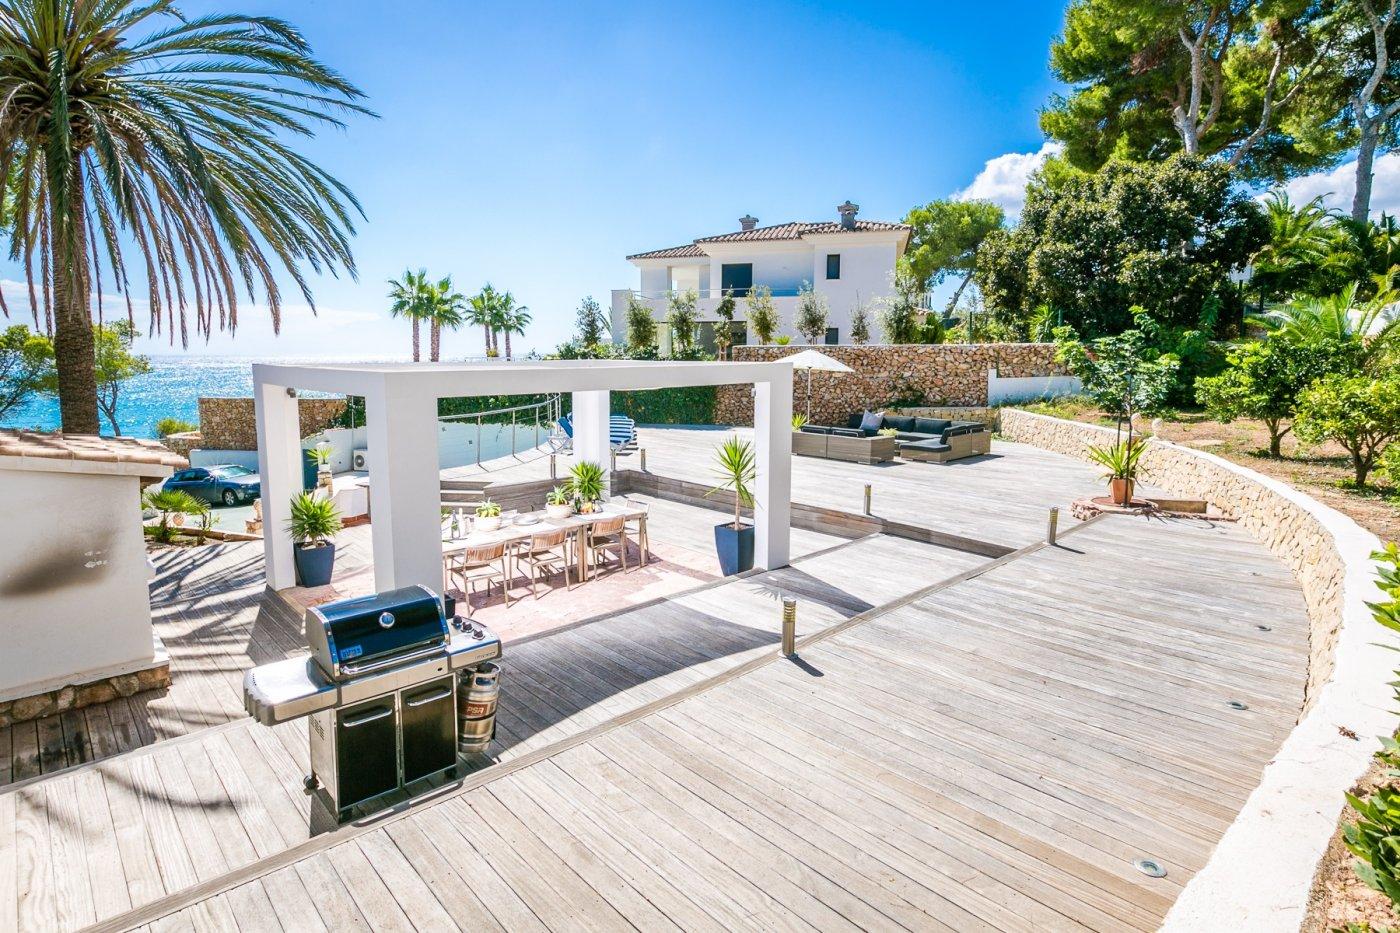 Estate Agents Moraira – Property for sale in Moraira – Villa – Andrago – Moraira